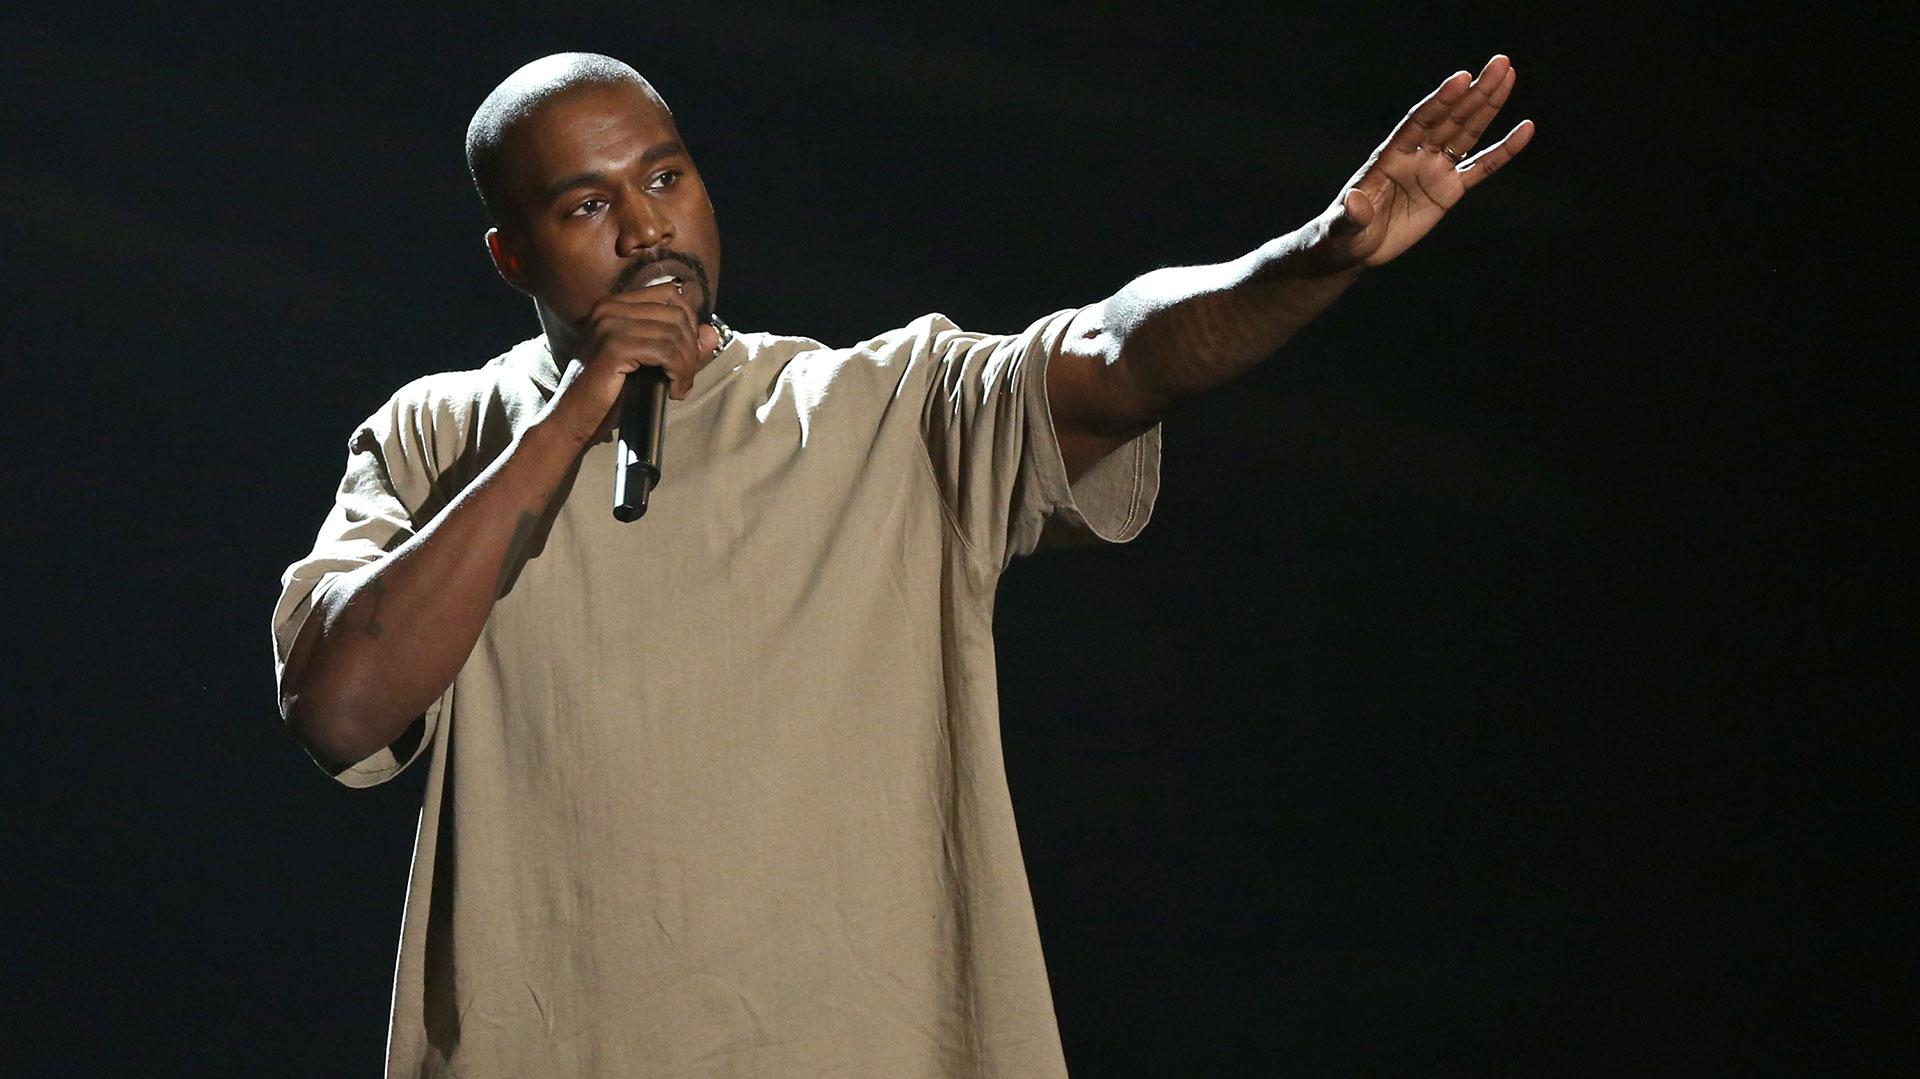 Kanye West tuvo un brote psicótico en 2016 (AP)